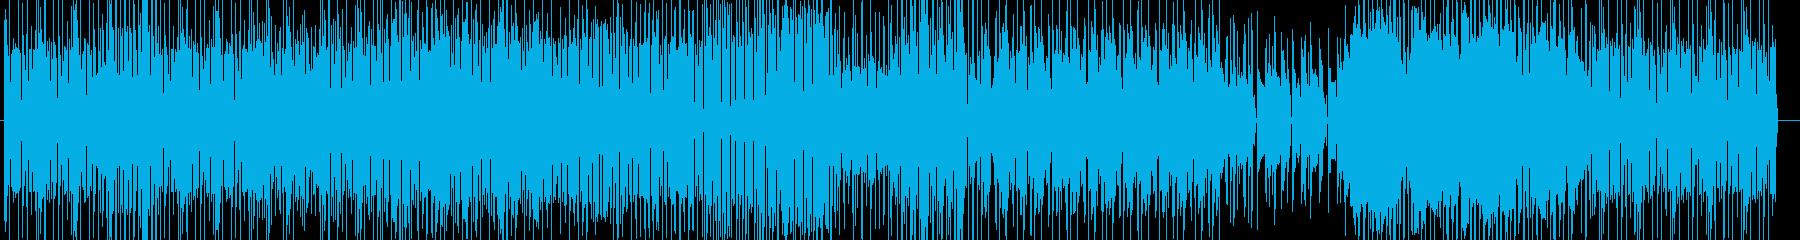 リズム感の良いダンス曲です。の再生済みの波形